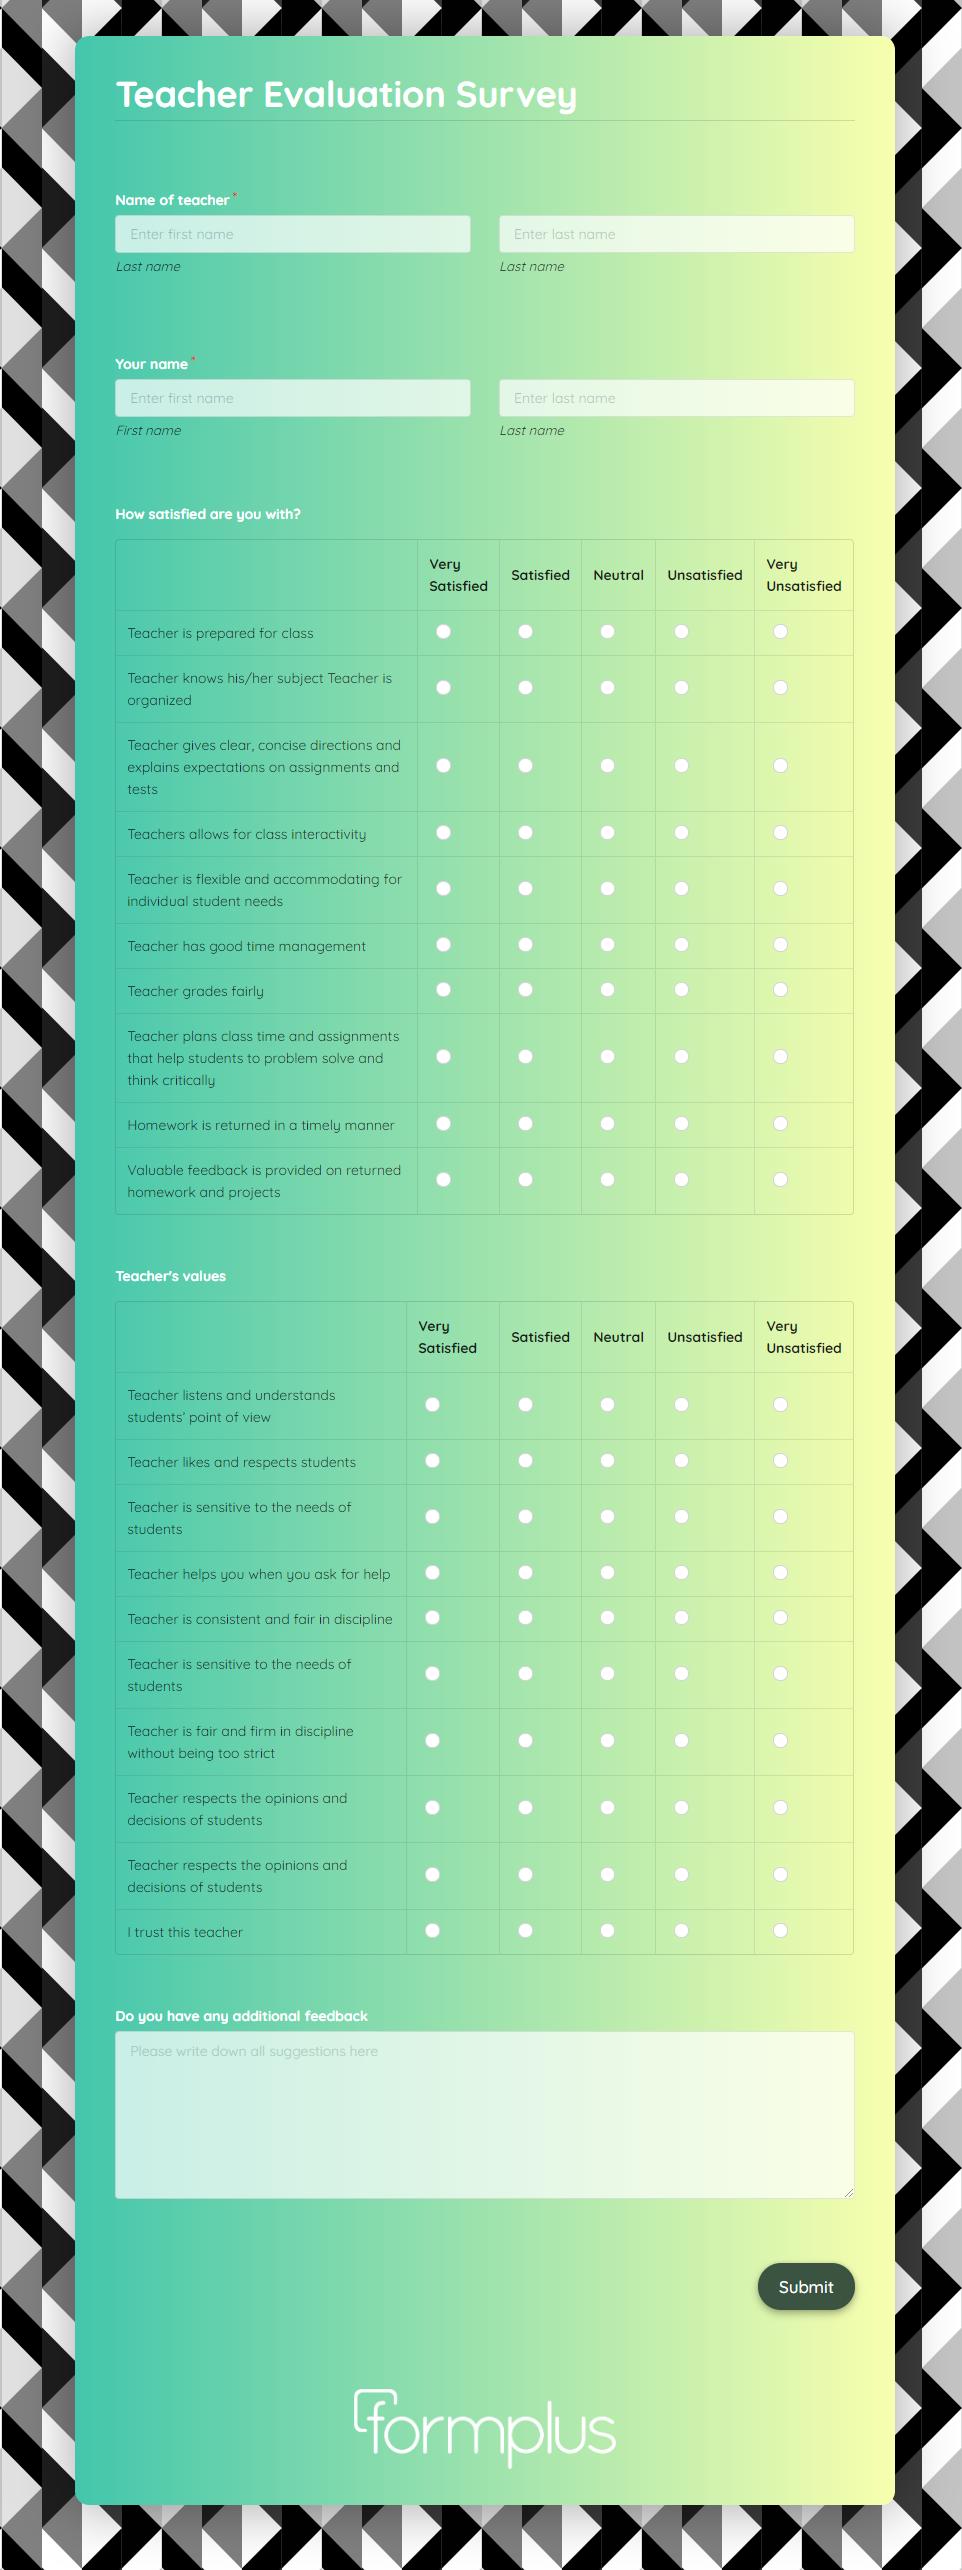 Teacher Evaluation Survey Template template